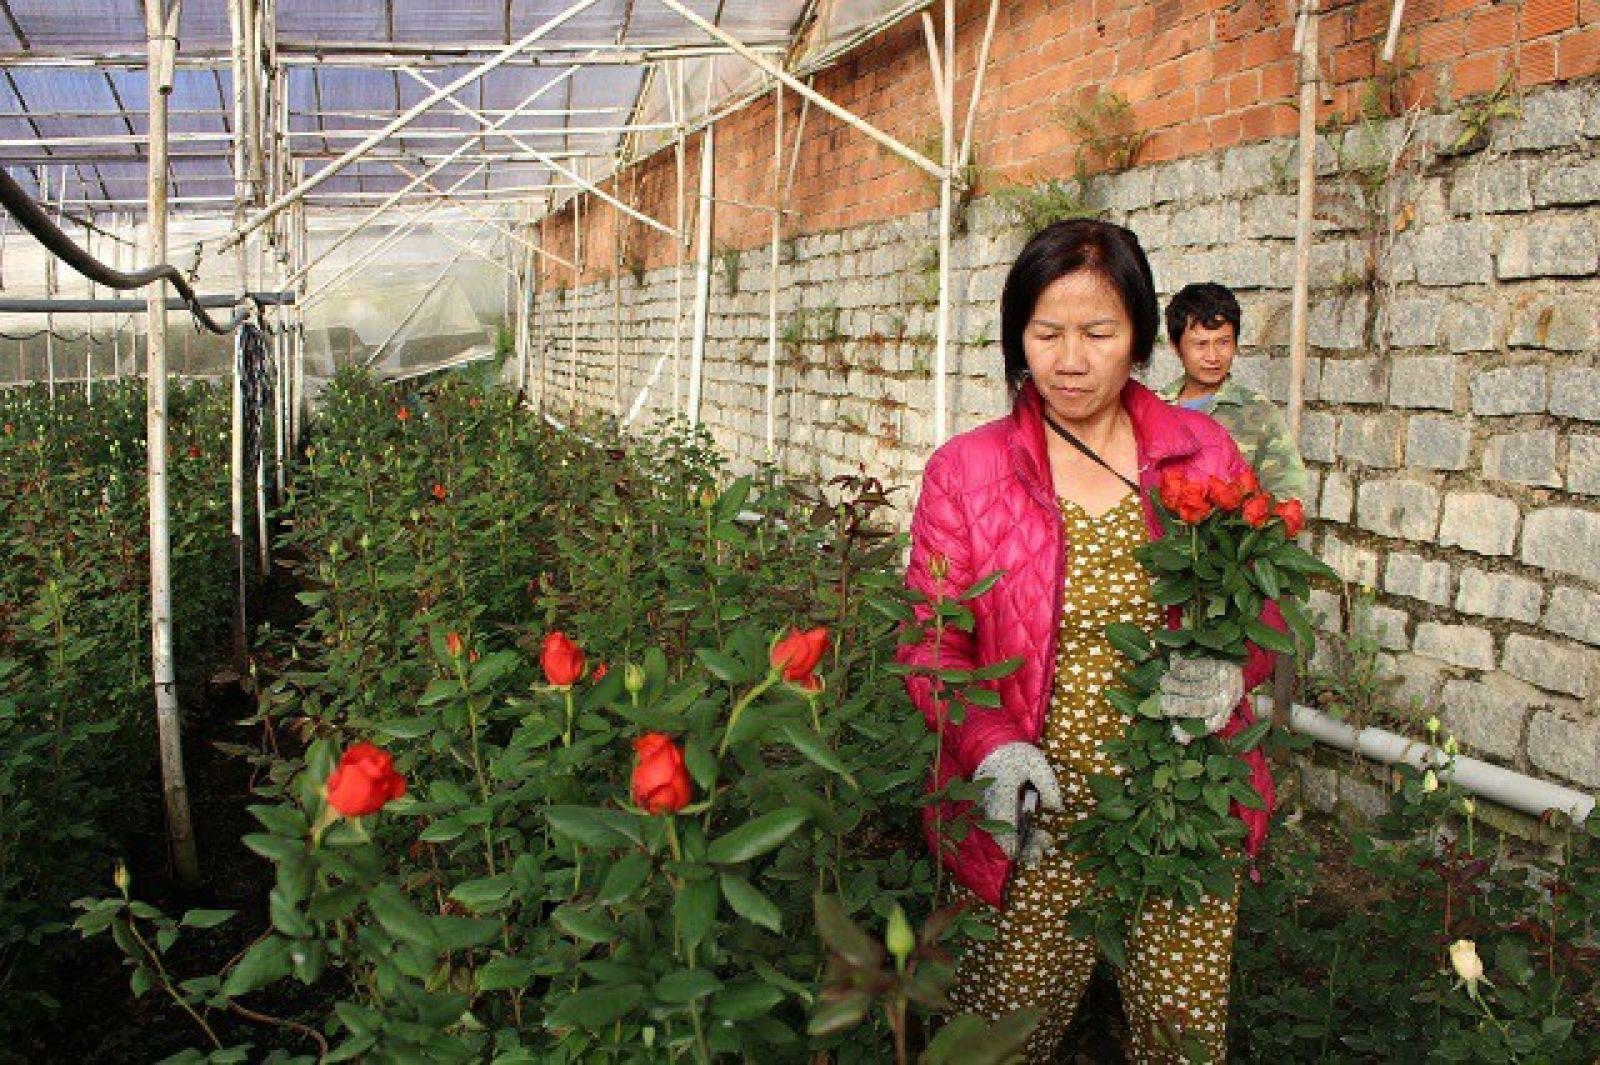 Hiện tại, huyện Lạc Dương đang có khoảng 100ha hoa hồng các loại được người dân chăm sóc.